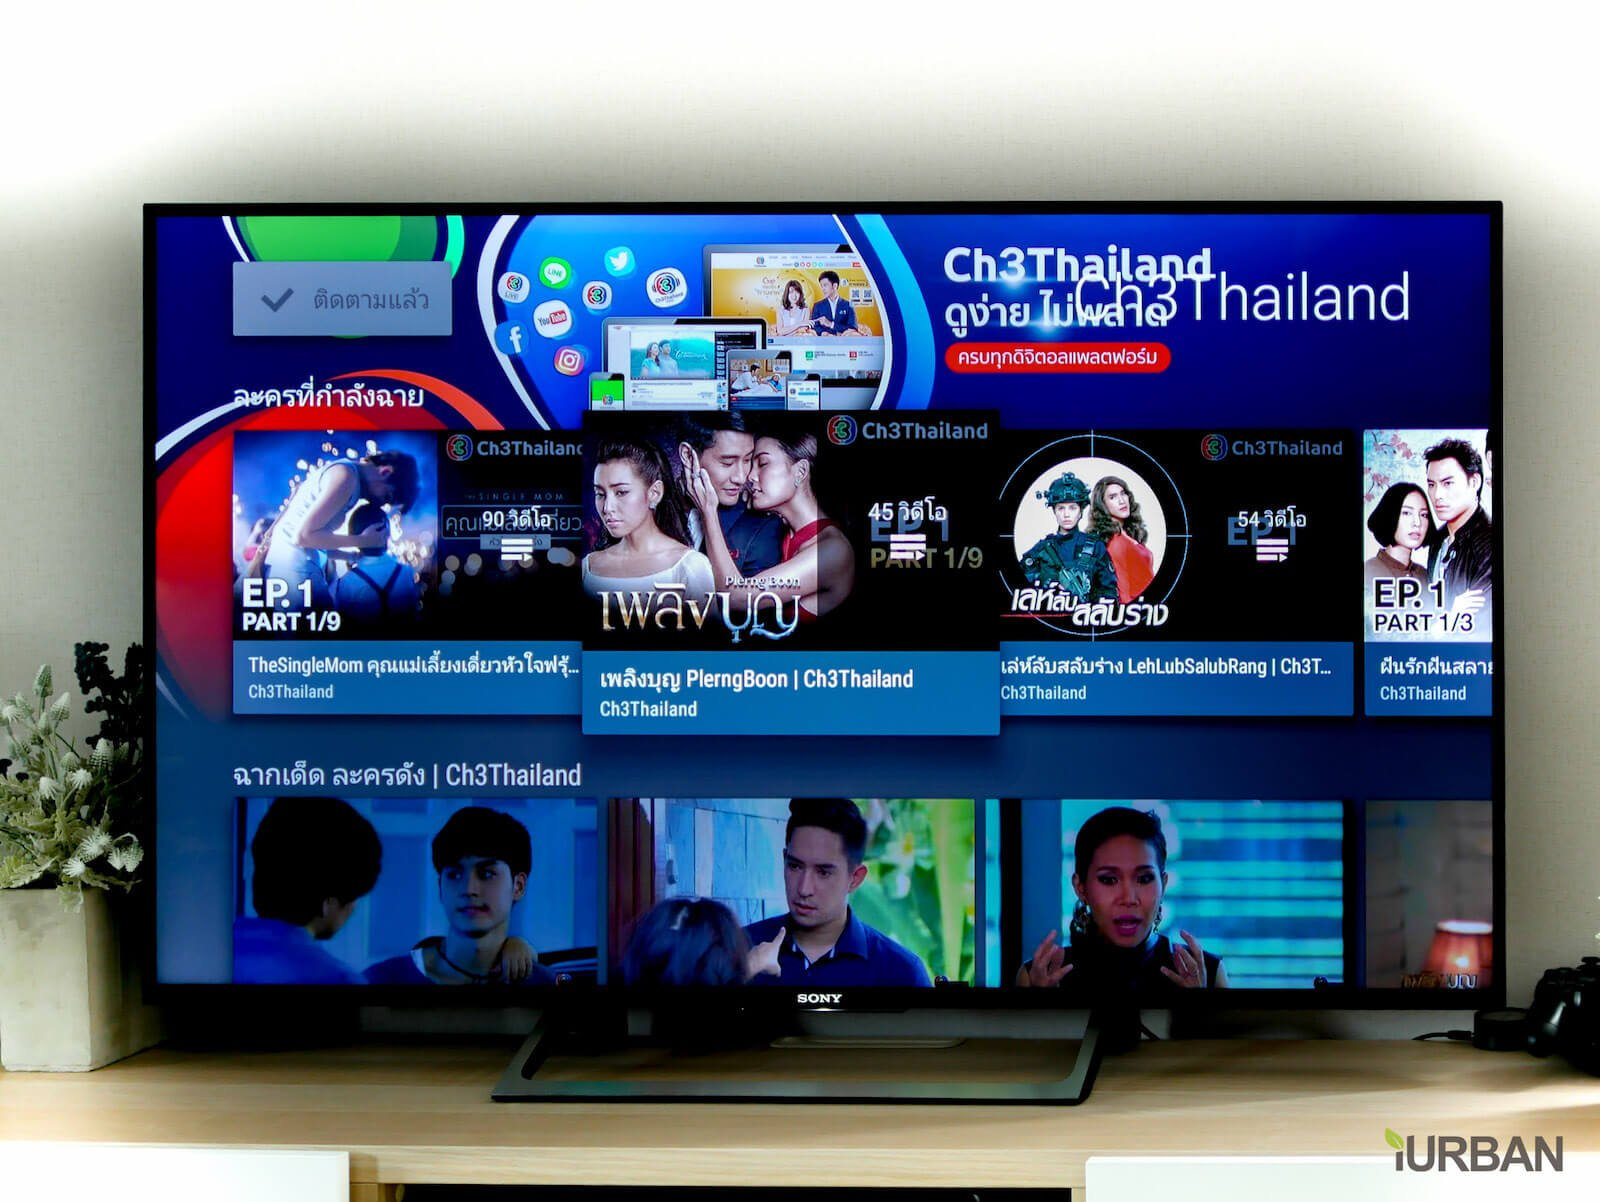 SONY X8500E 4K-HDR Android TV นวัตกรรมที่จะเปลี่ยนชีวิตกับทีวี ให้ไม่เหมือนเดิมอีกต่อไป 47 - Android